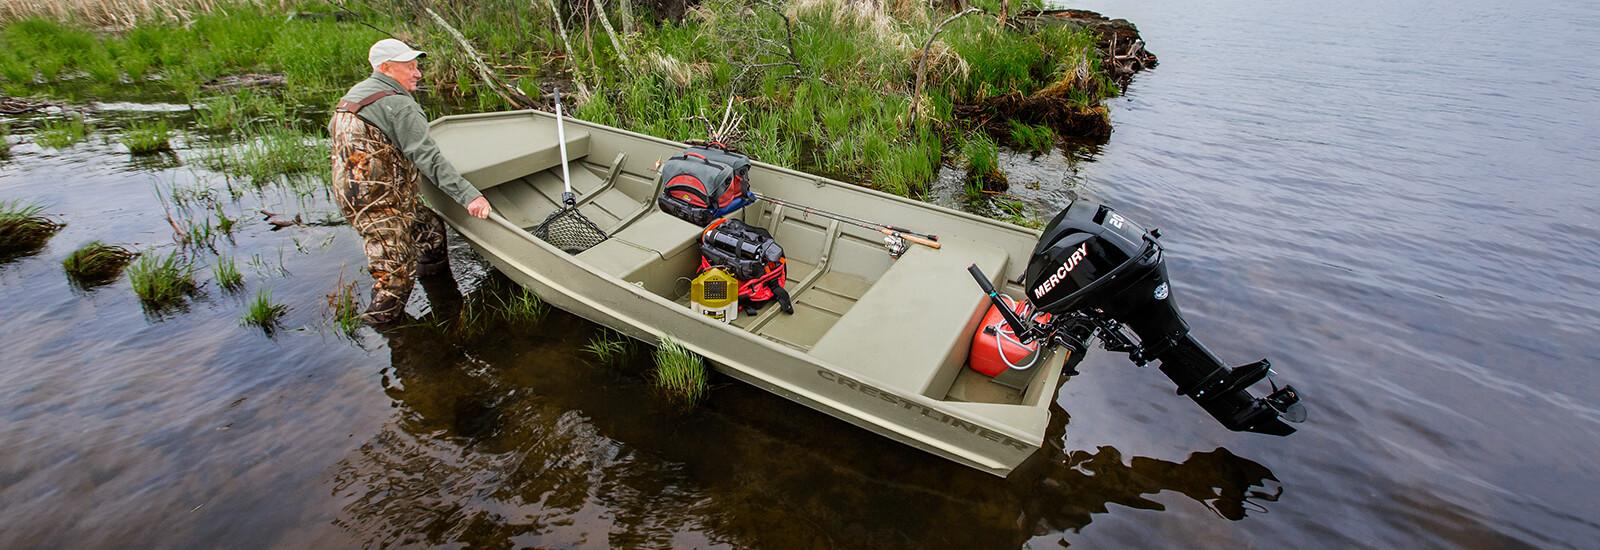 Fuel Bay Ridge >> Crestliner 1800 CR Jon   18 ft Welded Aluminum Jon Boats